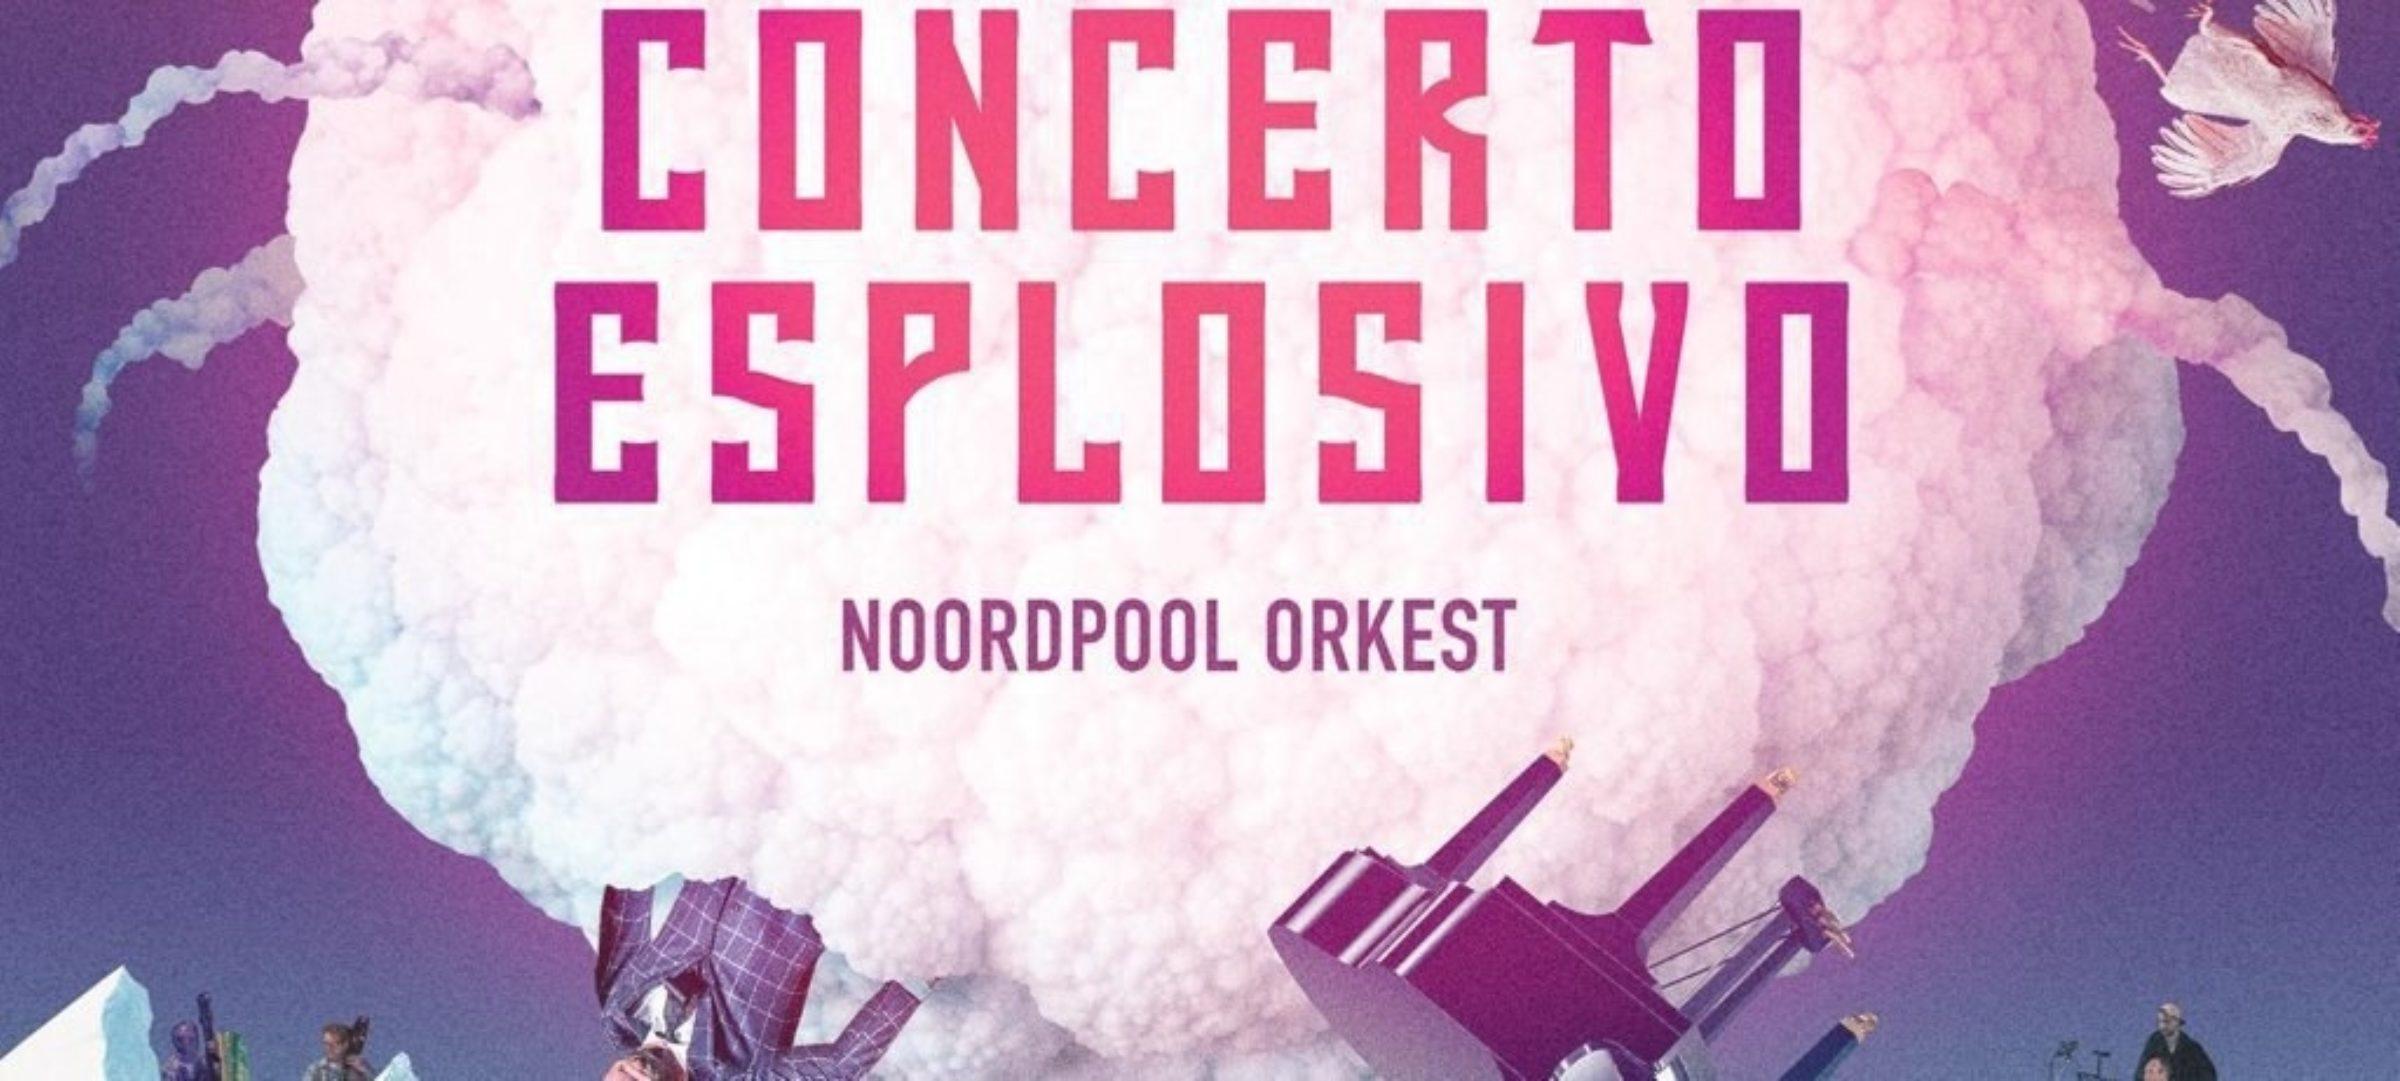 Concerto 2012 1547645032 35hxb43576